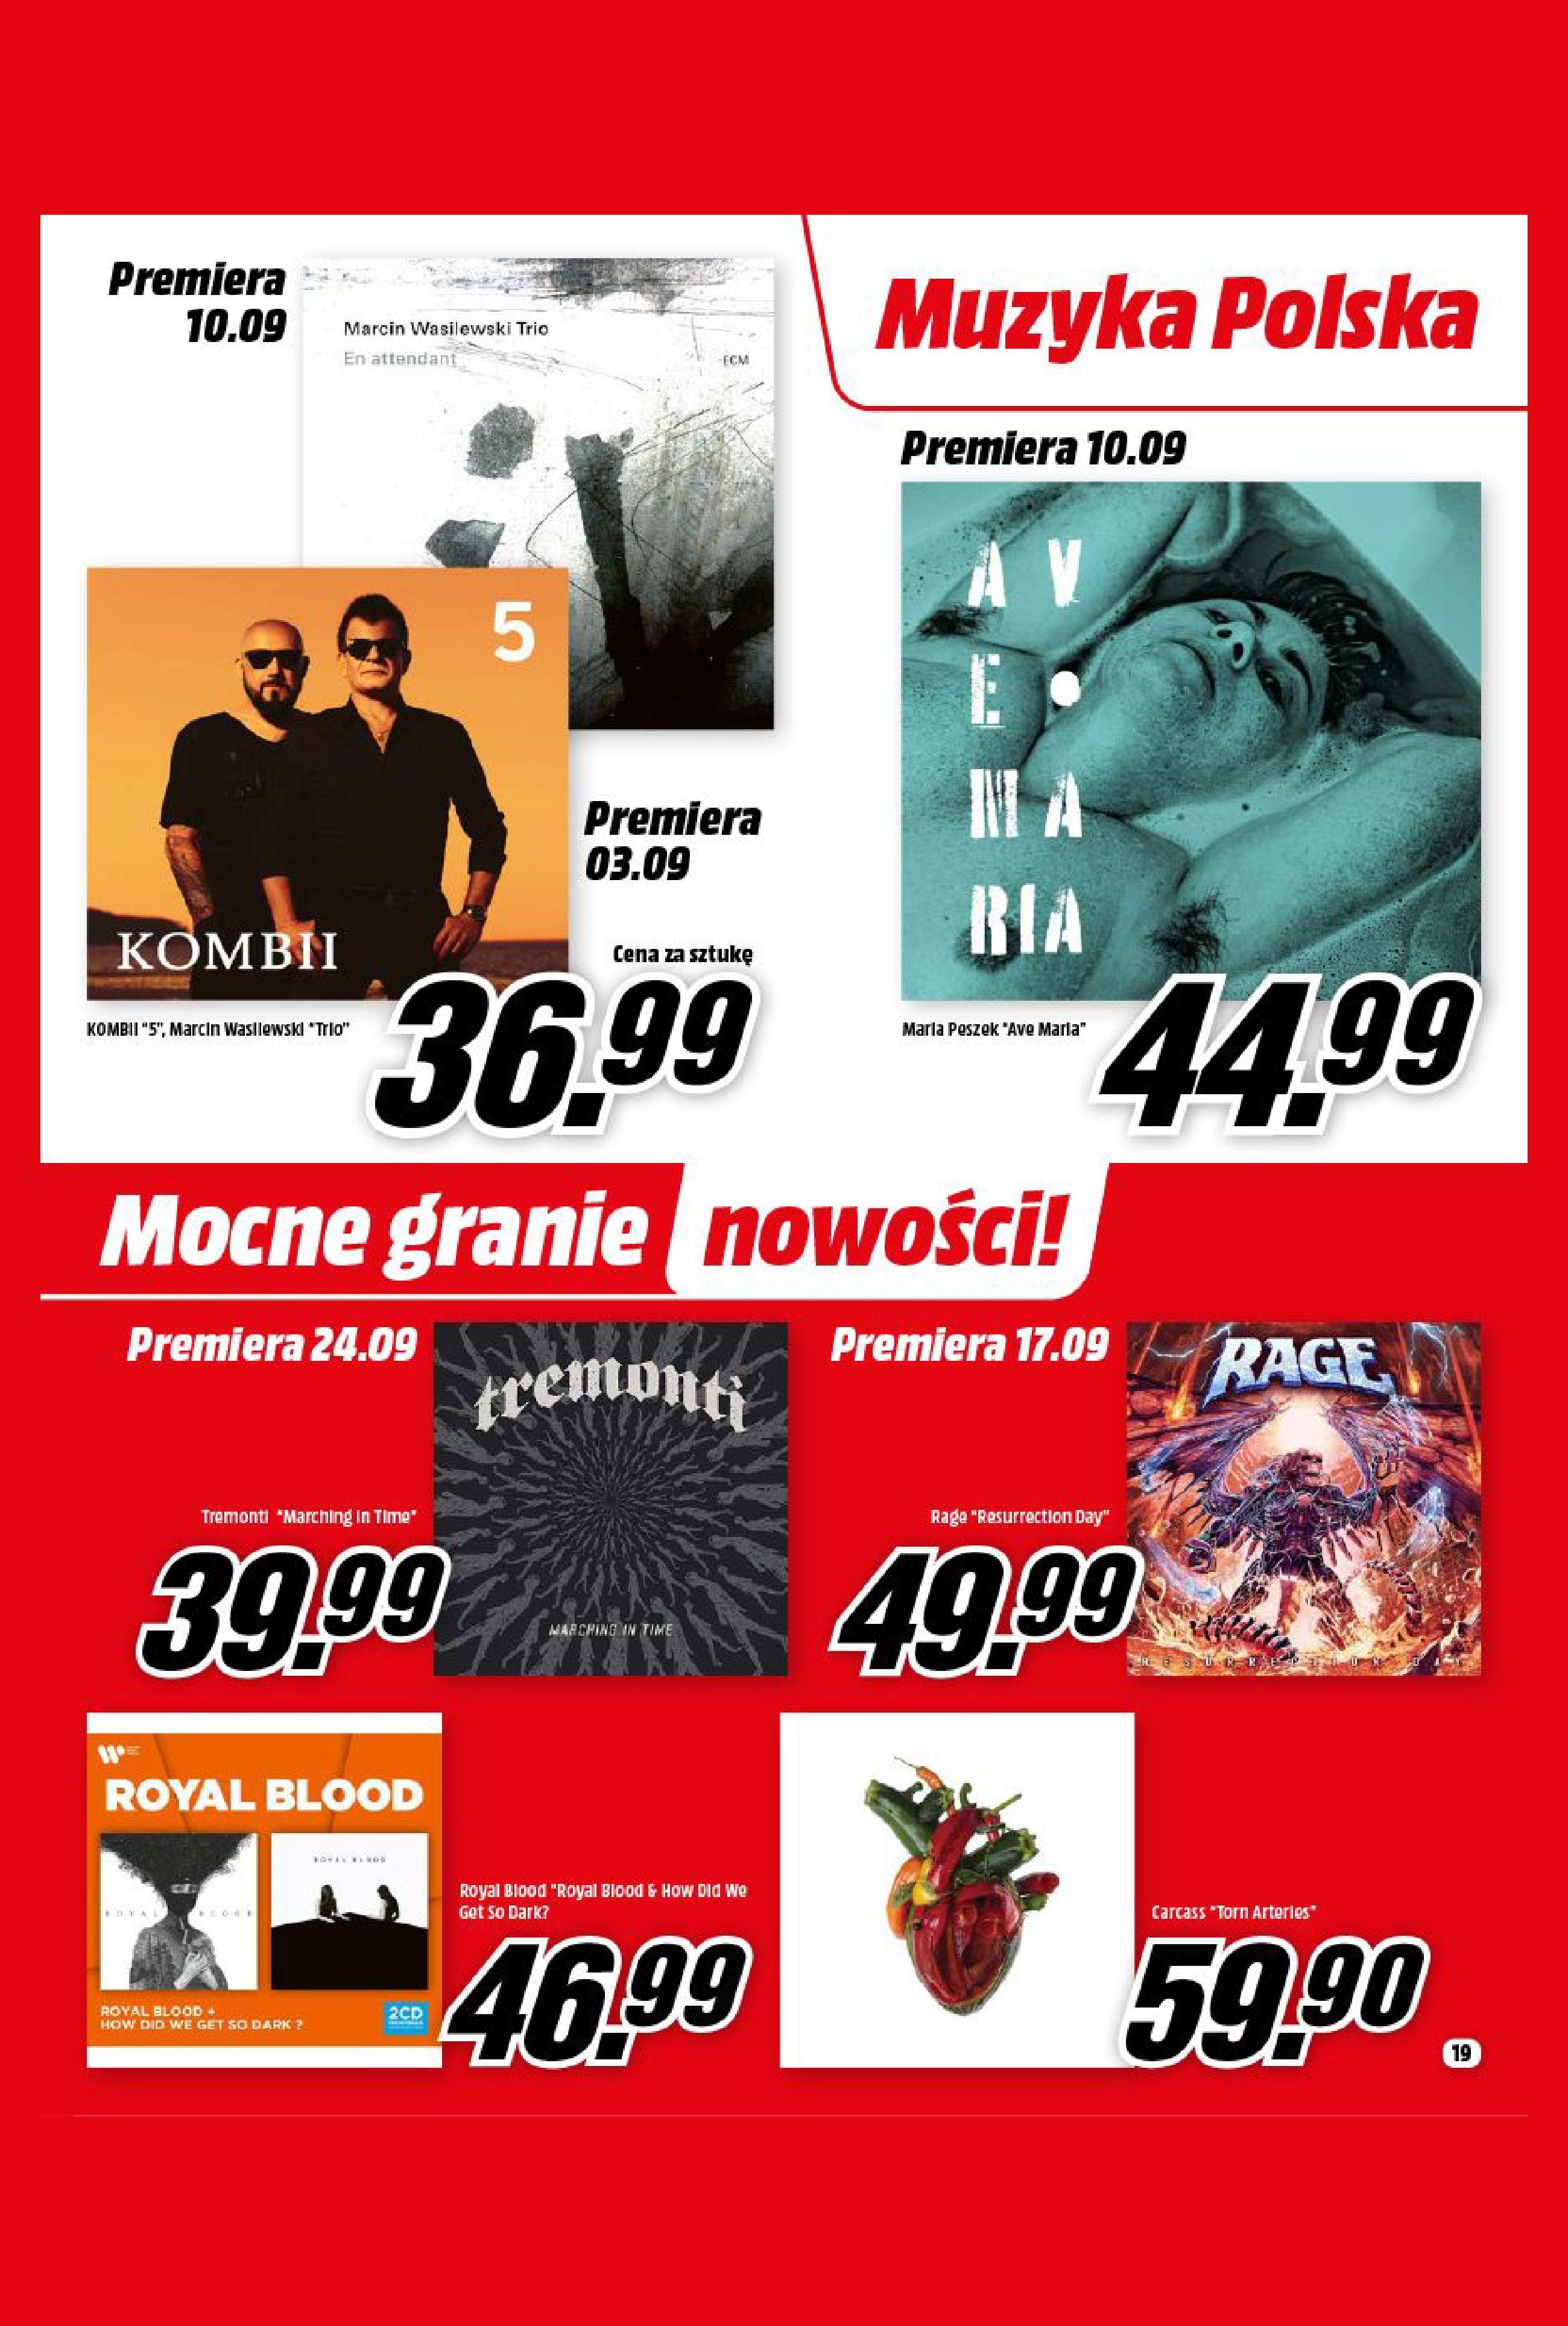 Gazetka Media Markt: Gazetka Media Markt - Wrzesień 2021 2021-09-09 page-19